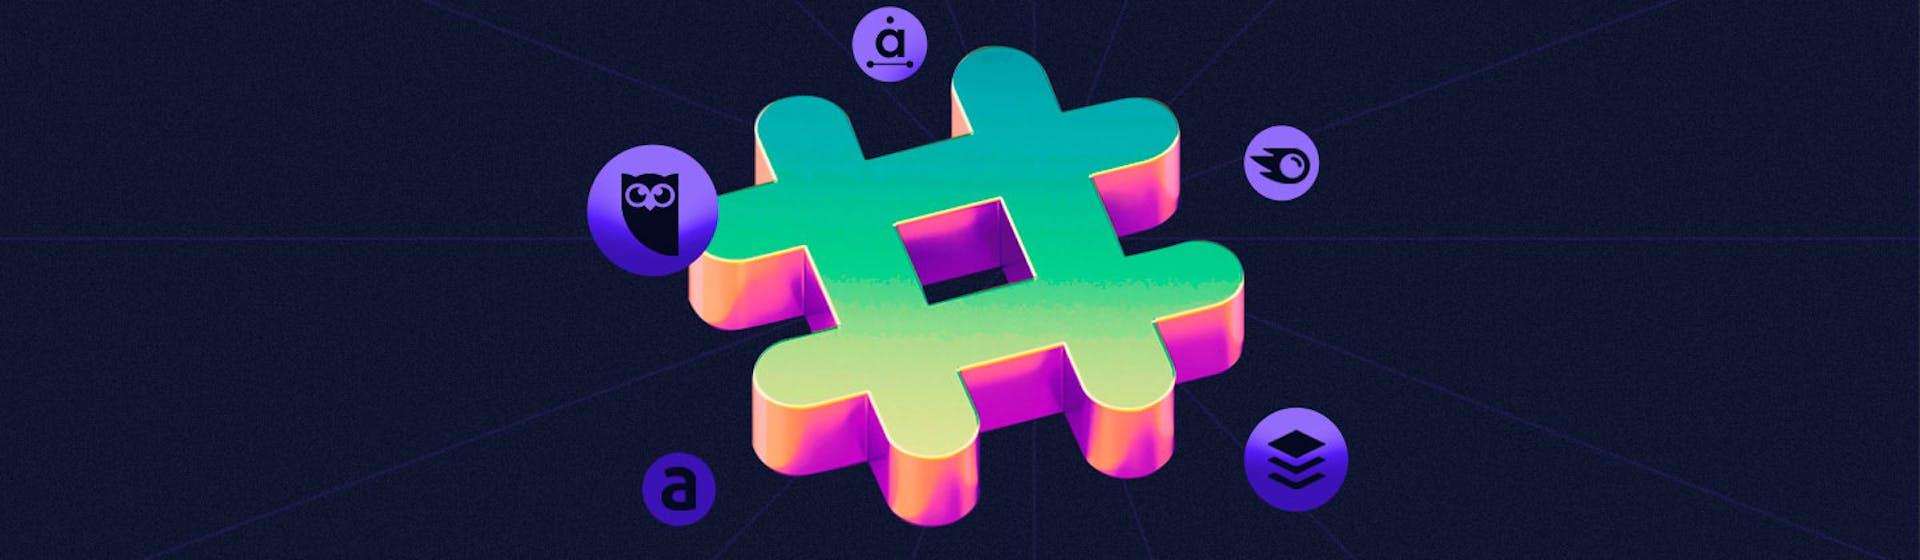 Herramientas de las redes sociales: +5 opciones que te harán olvidar a Creator Studio